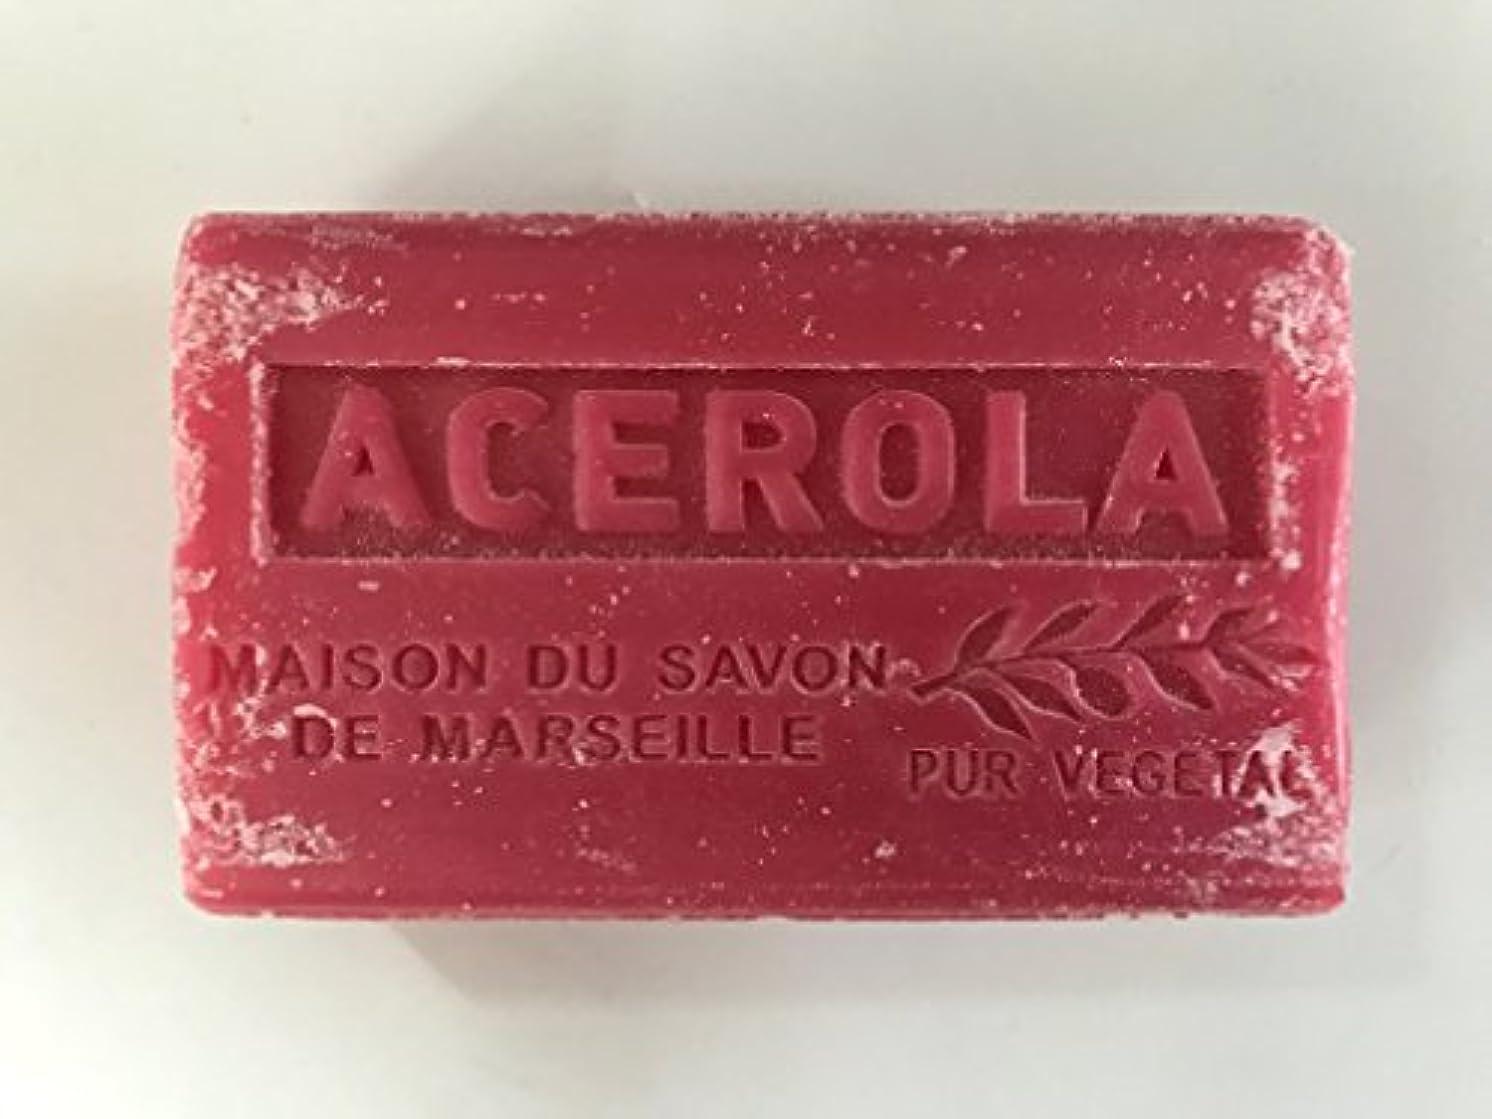 笑いフレキシブル倫理Savon de Marseille Soap Acerola Shea Butter 125g